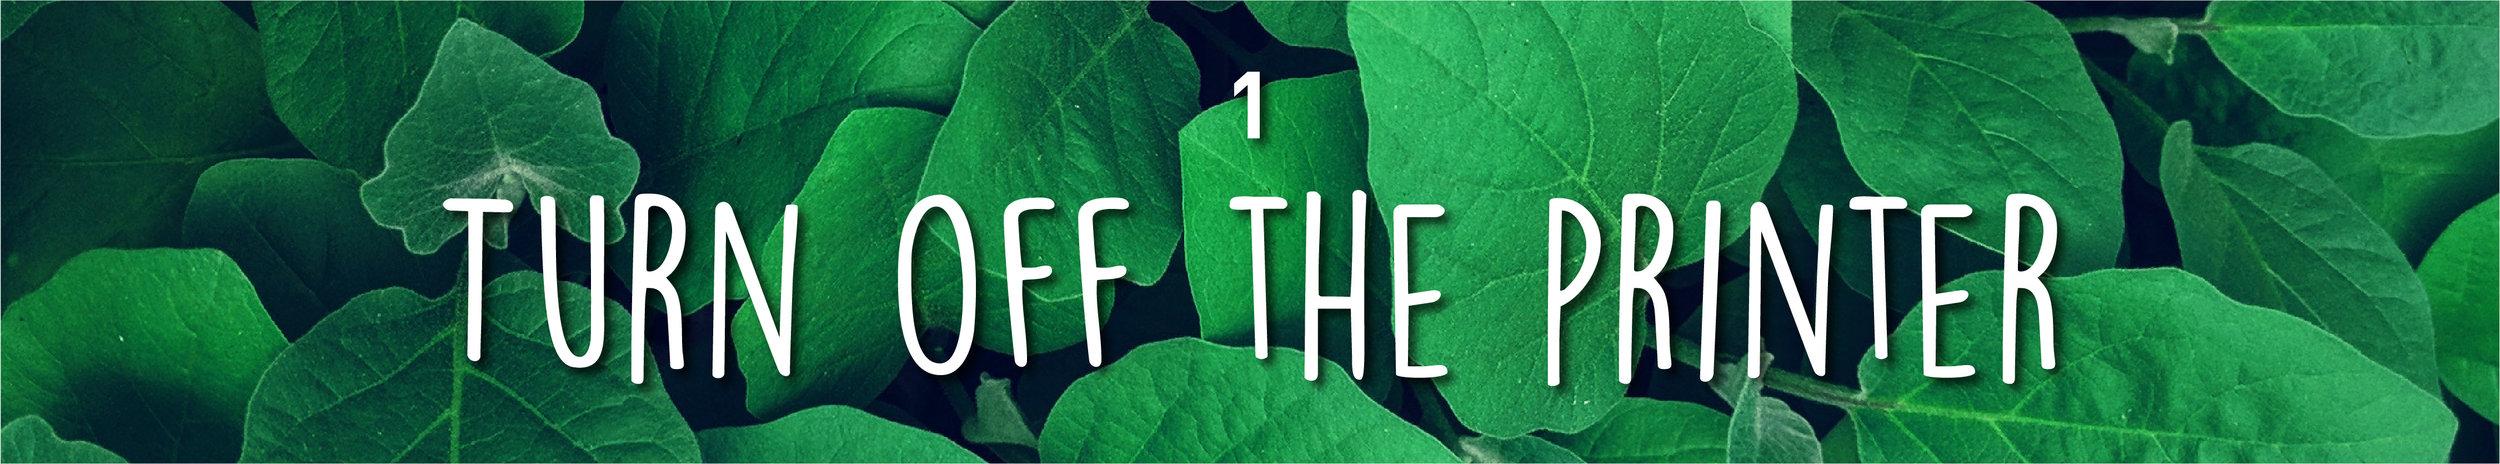 Week34-SustainableMarketing_InBlog_1 copy 13.jpg